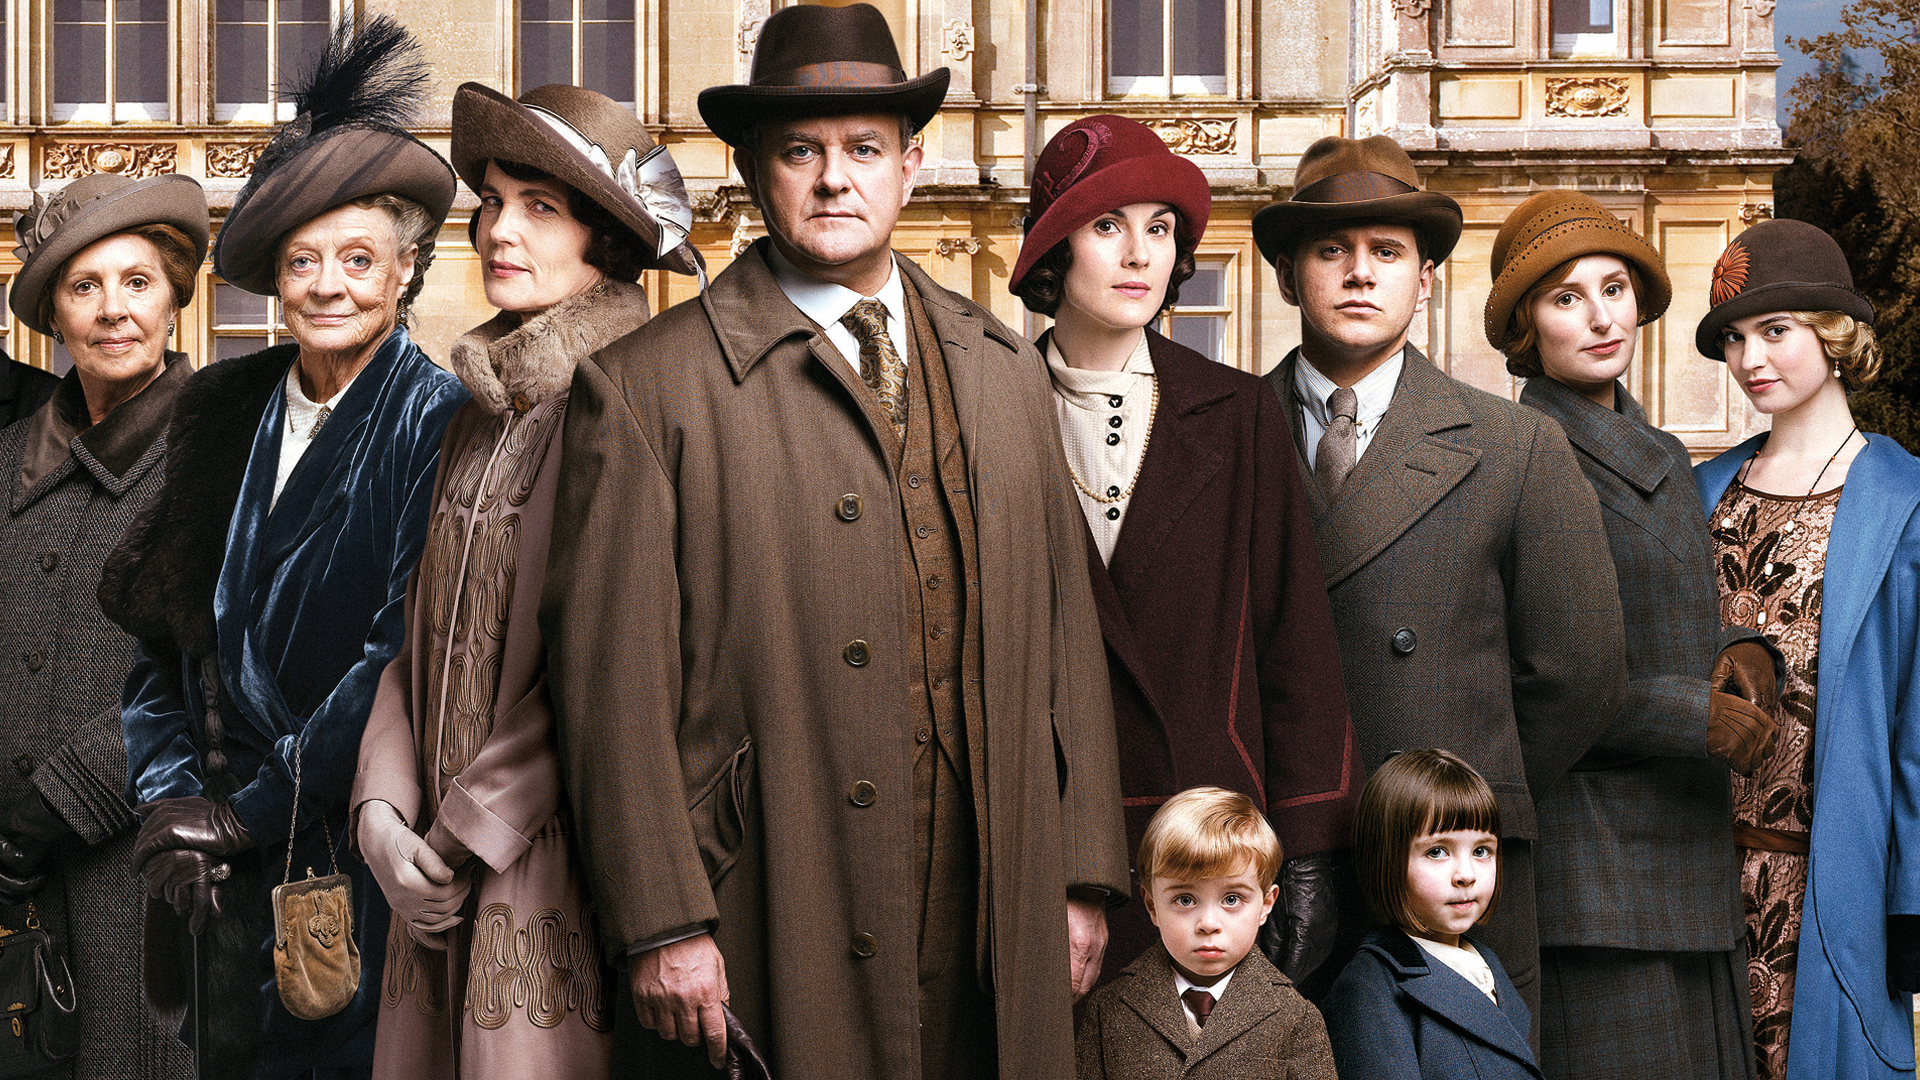 Downton Abbey wallpaper 2 1920x1080